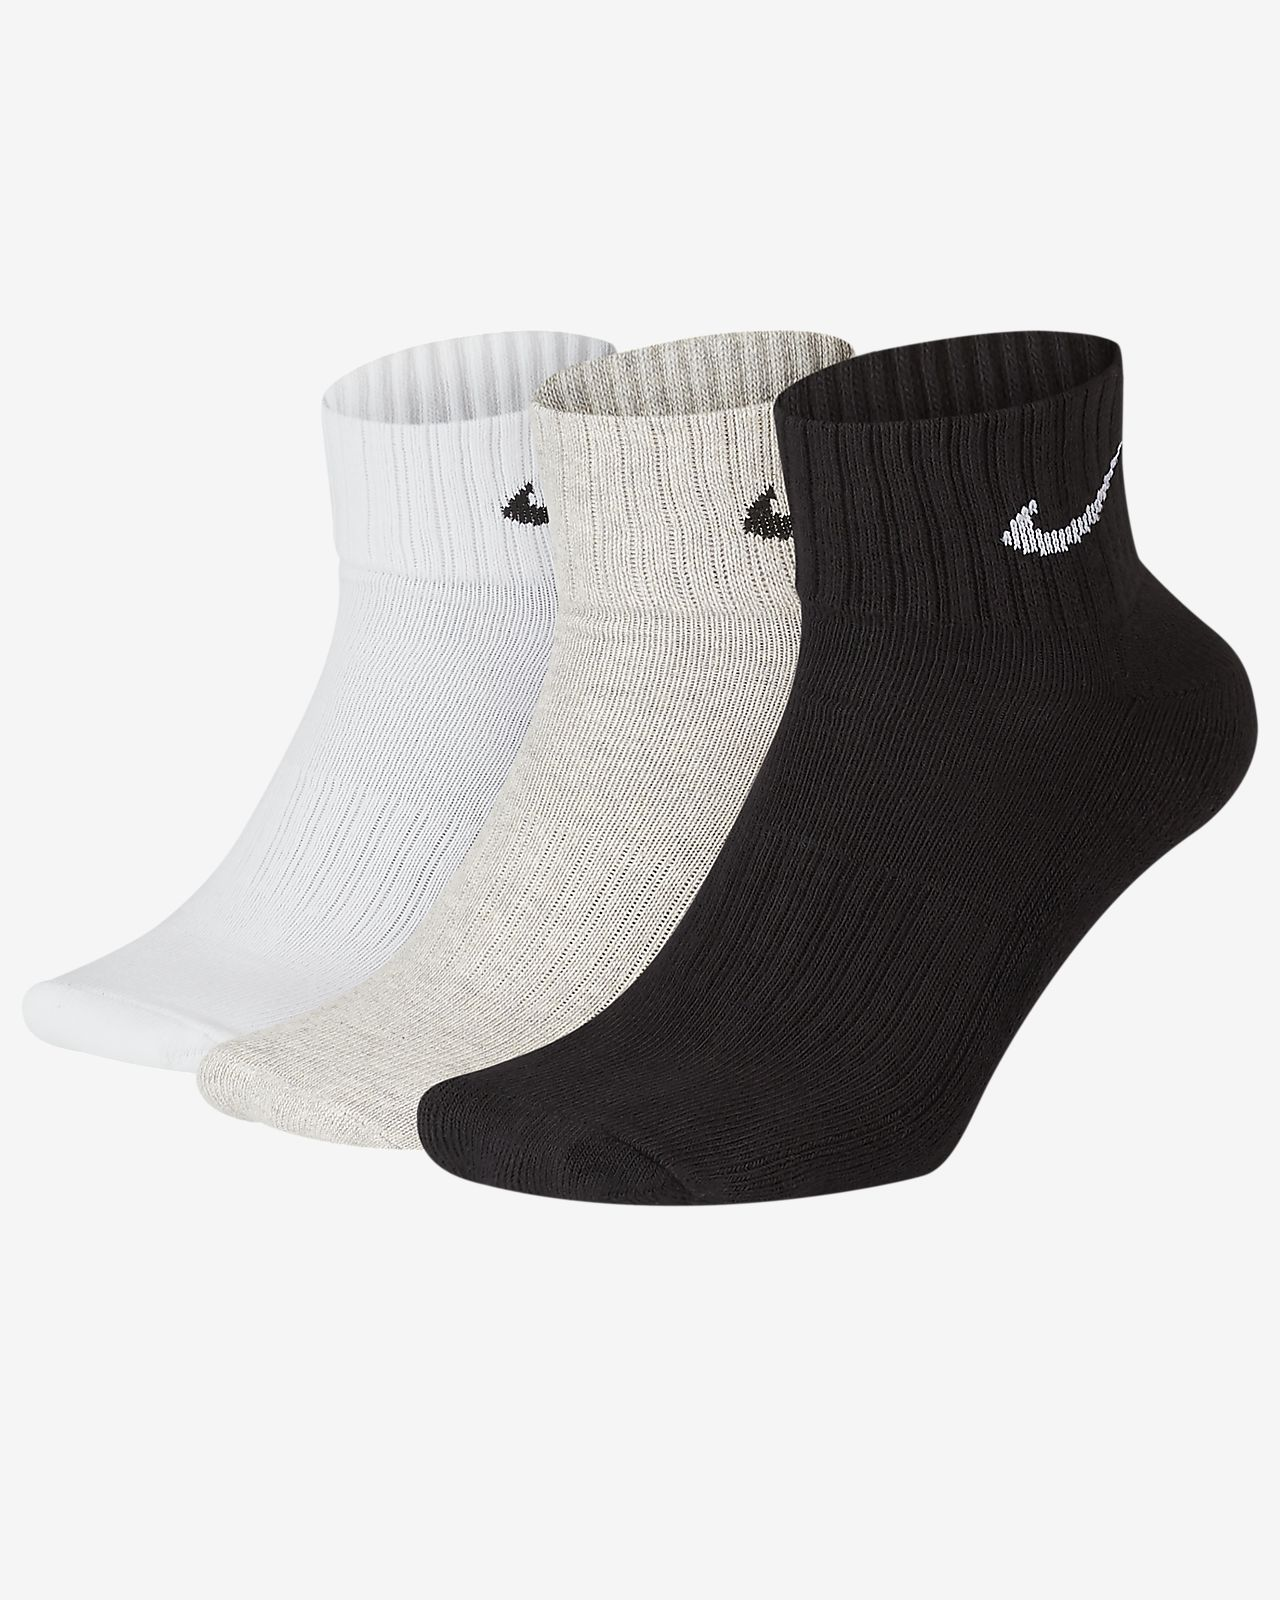 Nike Cushion ankelsokker til trening (3 par)